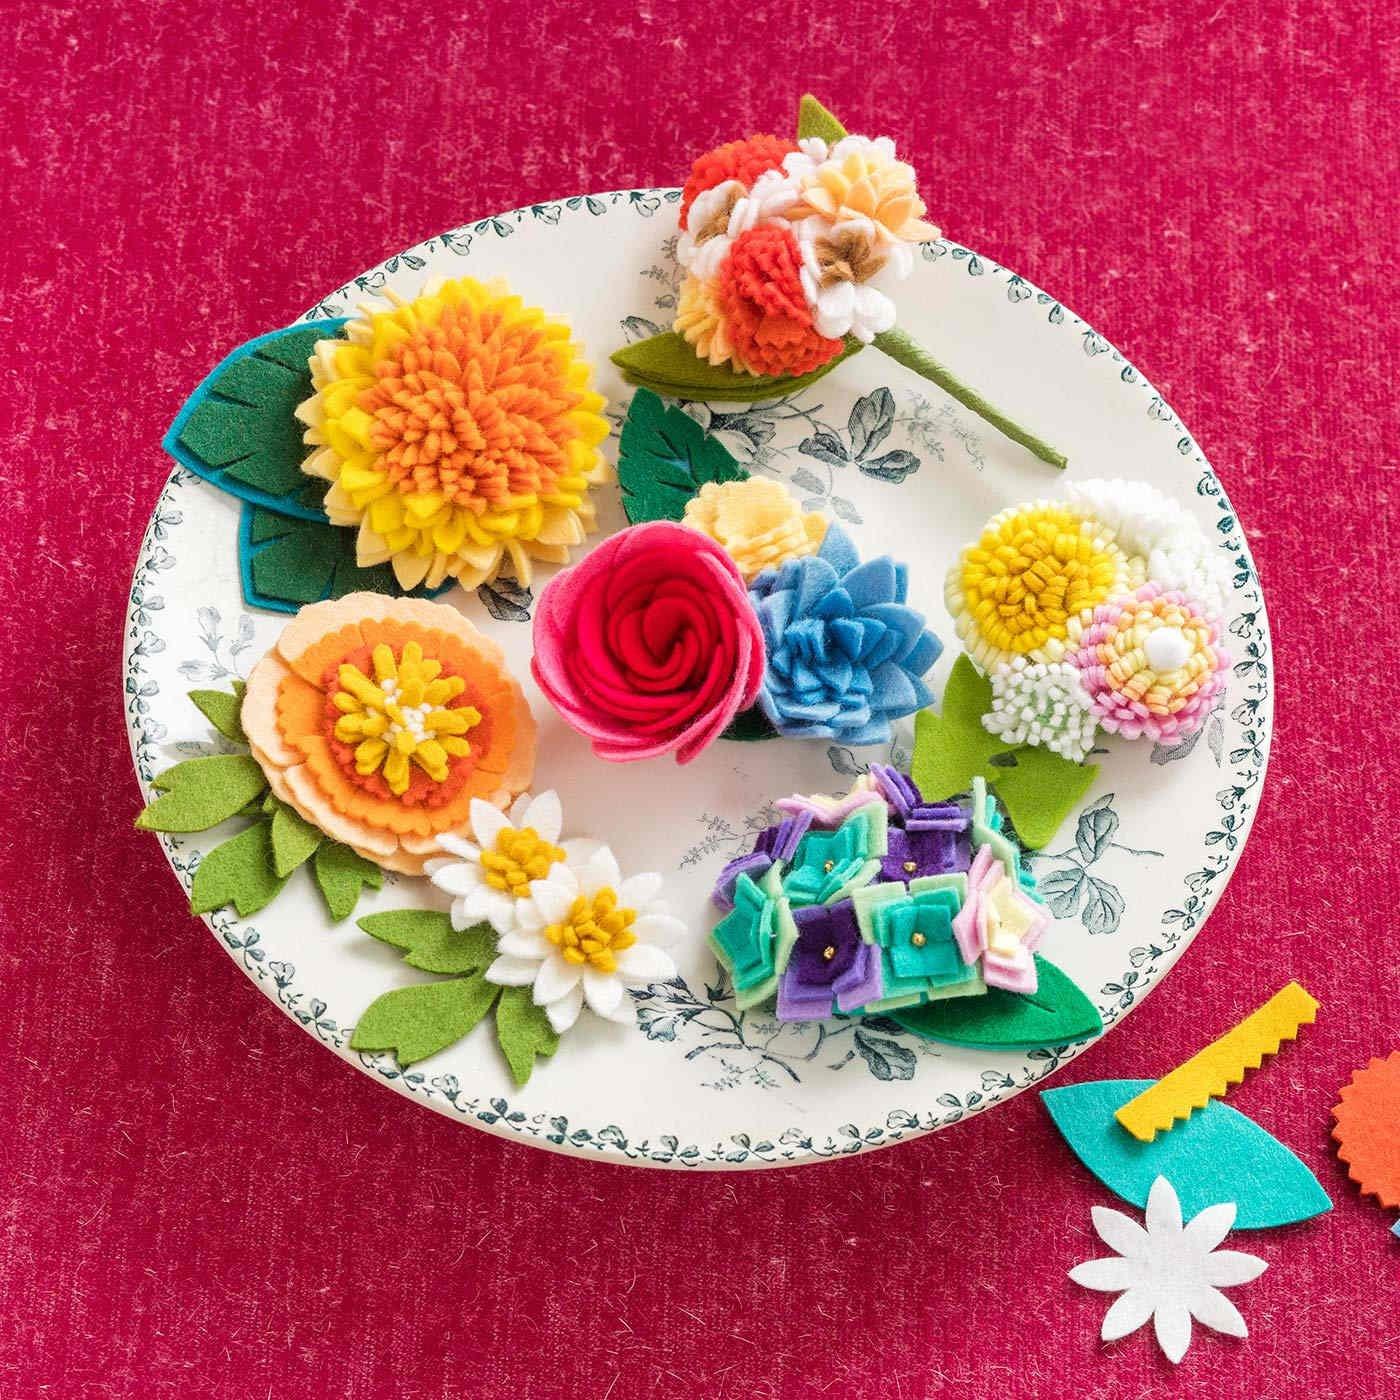 色鮮やかなグラデーション いろいろな手法が楽しいフェルトのお花コサージュ